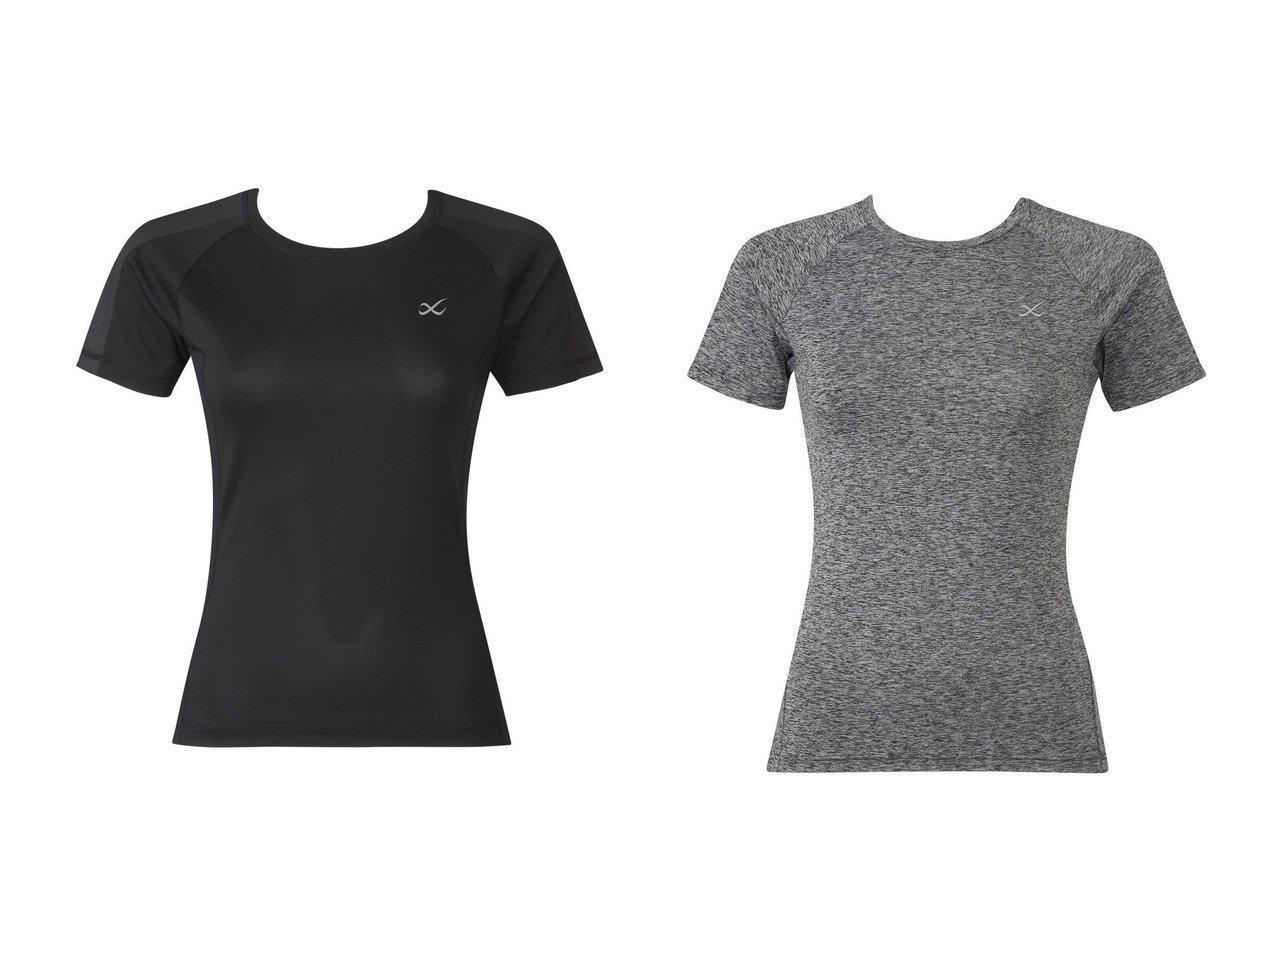 【CW-X/シーダブリューエックス】の【WOMEN】アウター Tシャツ 半袖ワコール&【WOMEN】アウター Tシャツ 半袖ワコール スポーツウェア・ヨガ・運動・ダイエットグッズなどのおすすめ!人気トレンド・ファッション通販 おすすめで人気の流行・トレンド、ファッションの通販商品 インテリア・家具・メンズファッション・キッズファッション・レディースファッション・服の通販 founy(ファニー) https://founy.com/ ファッション Fashion レディースファッション WOMEN アウター Coat Outerwear トップス・カットソー Tops/Tshirt シャツ/ブラウス Shirts/Blouses ロング / Tシャツ T-Shirts 送料無料 Free Shipping おすすめ Recommend プリント 半袖 抗菌 |ID:crp329100000041120